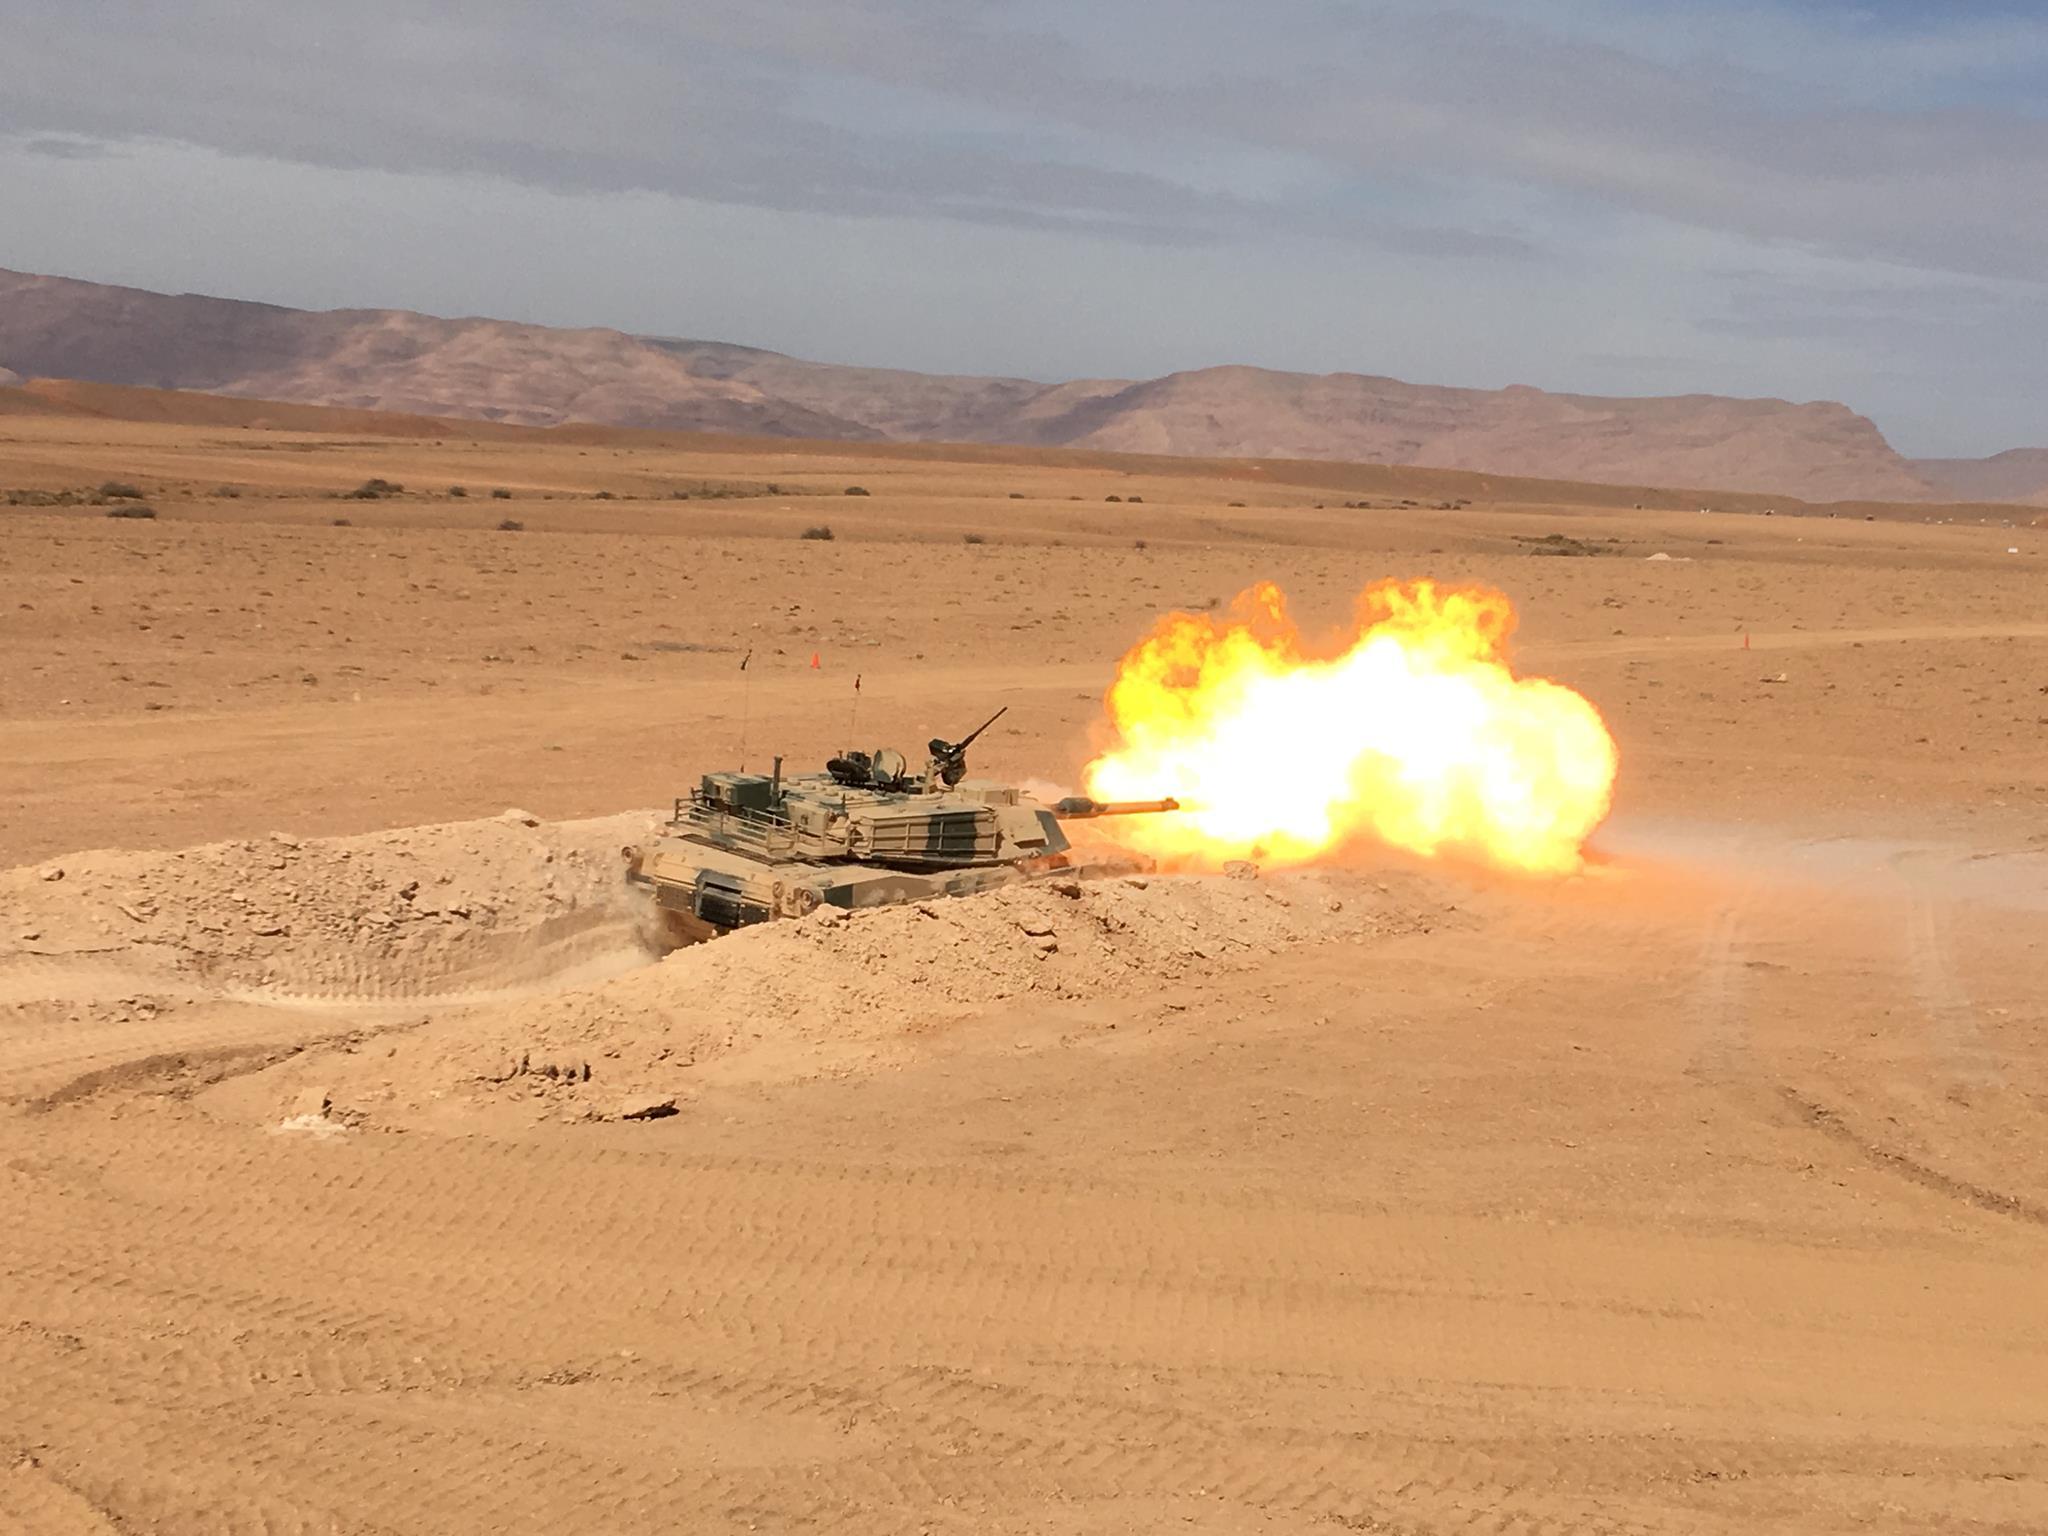 384 Abrams M1A1 SA for Morocco - Page 16 37470322529037101557815943248413744933170447440055o